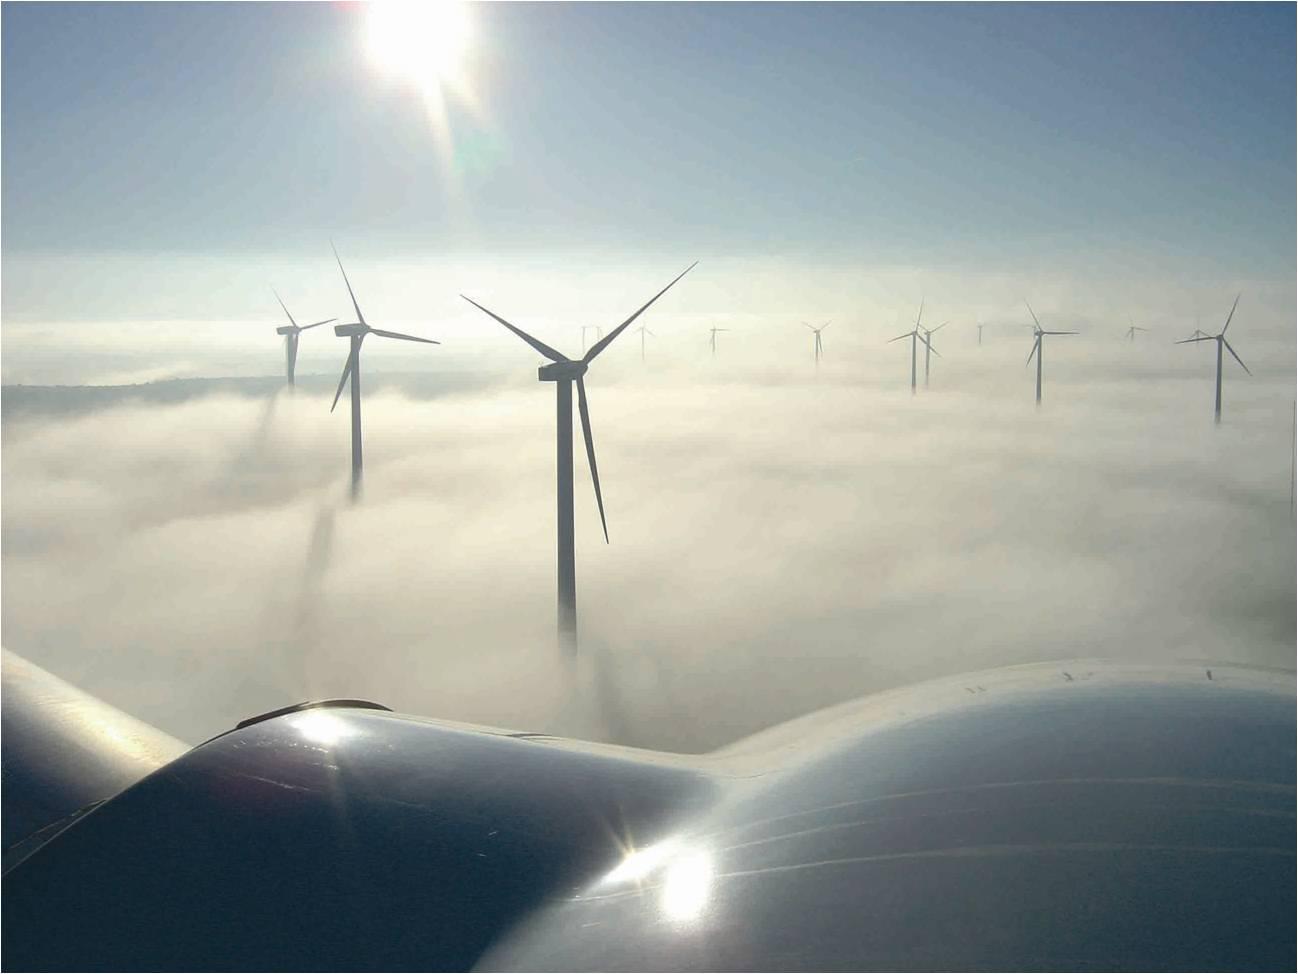 Eólica y energías renovables: Parque eólico de Rusia en el Ártico